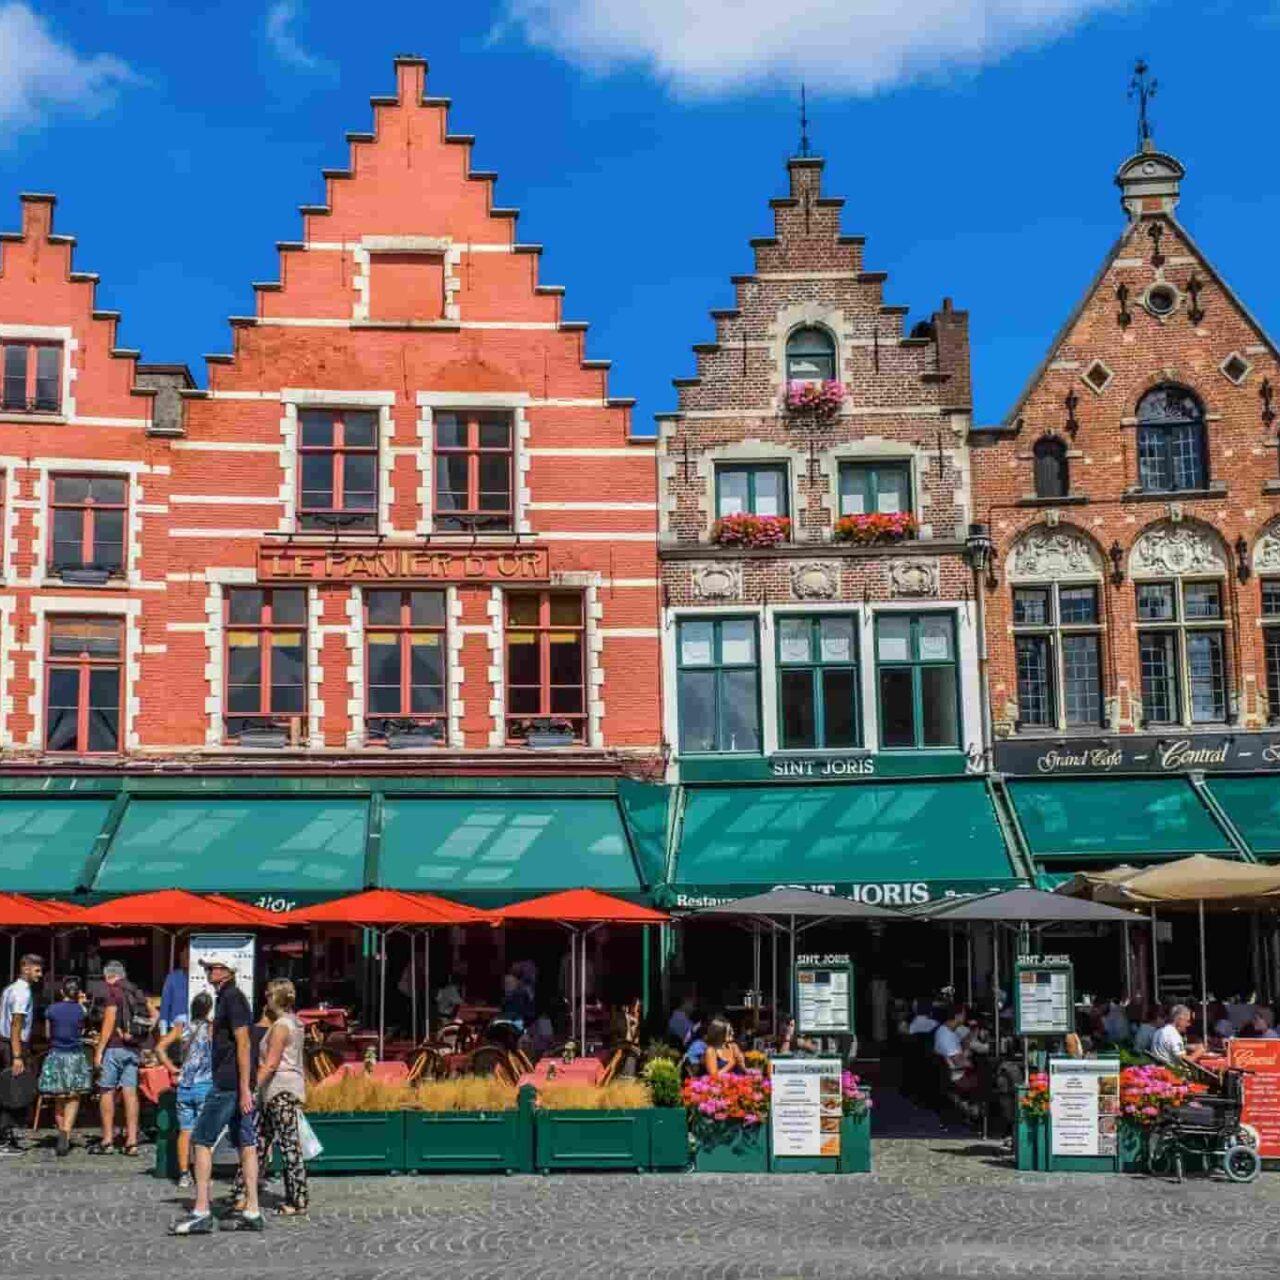 Bir Orta Çağ Şehri Brugge, Otobüsle Avrupa Turu, Tourbulance,